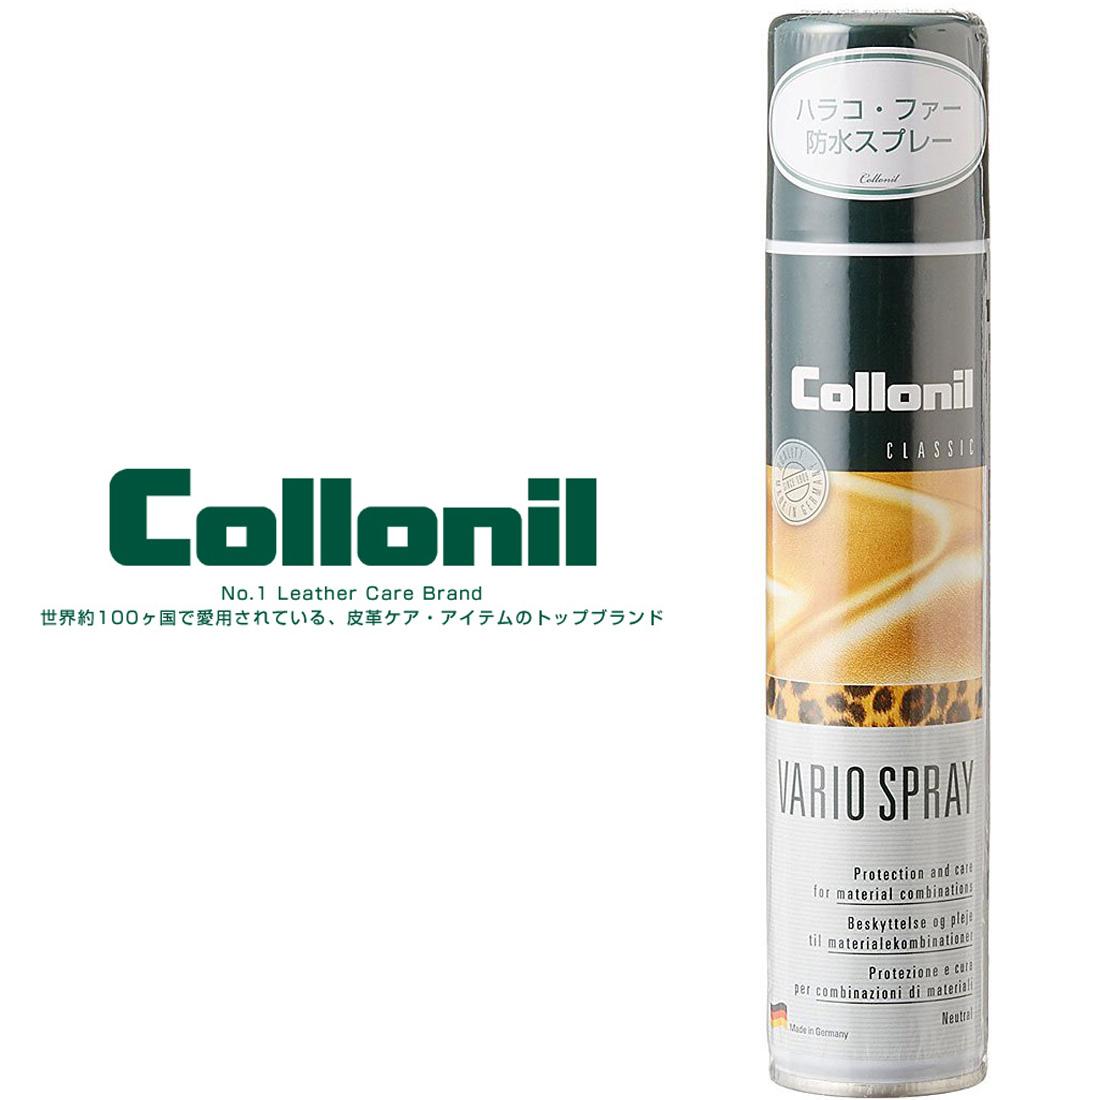 ハラコ ファーの毛の艶だし 代引き不可 防水 保護に最適なスプレー コロニル ファー メンテナンス collonil レザーケア用品 メーカー公式 バリオスプレー